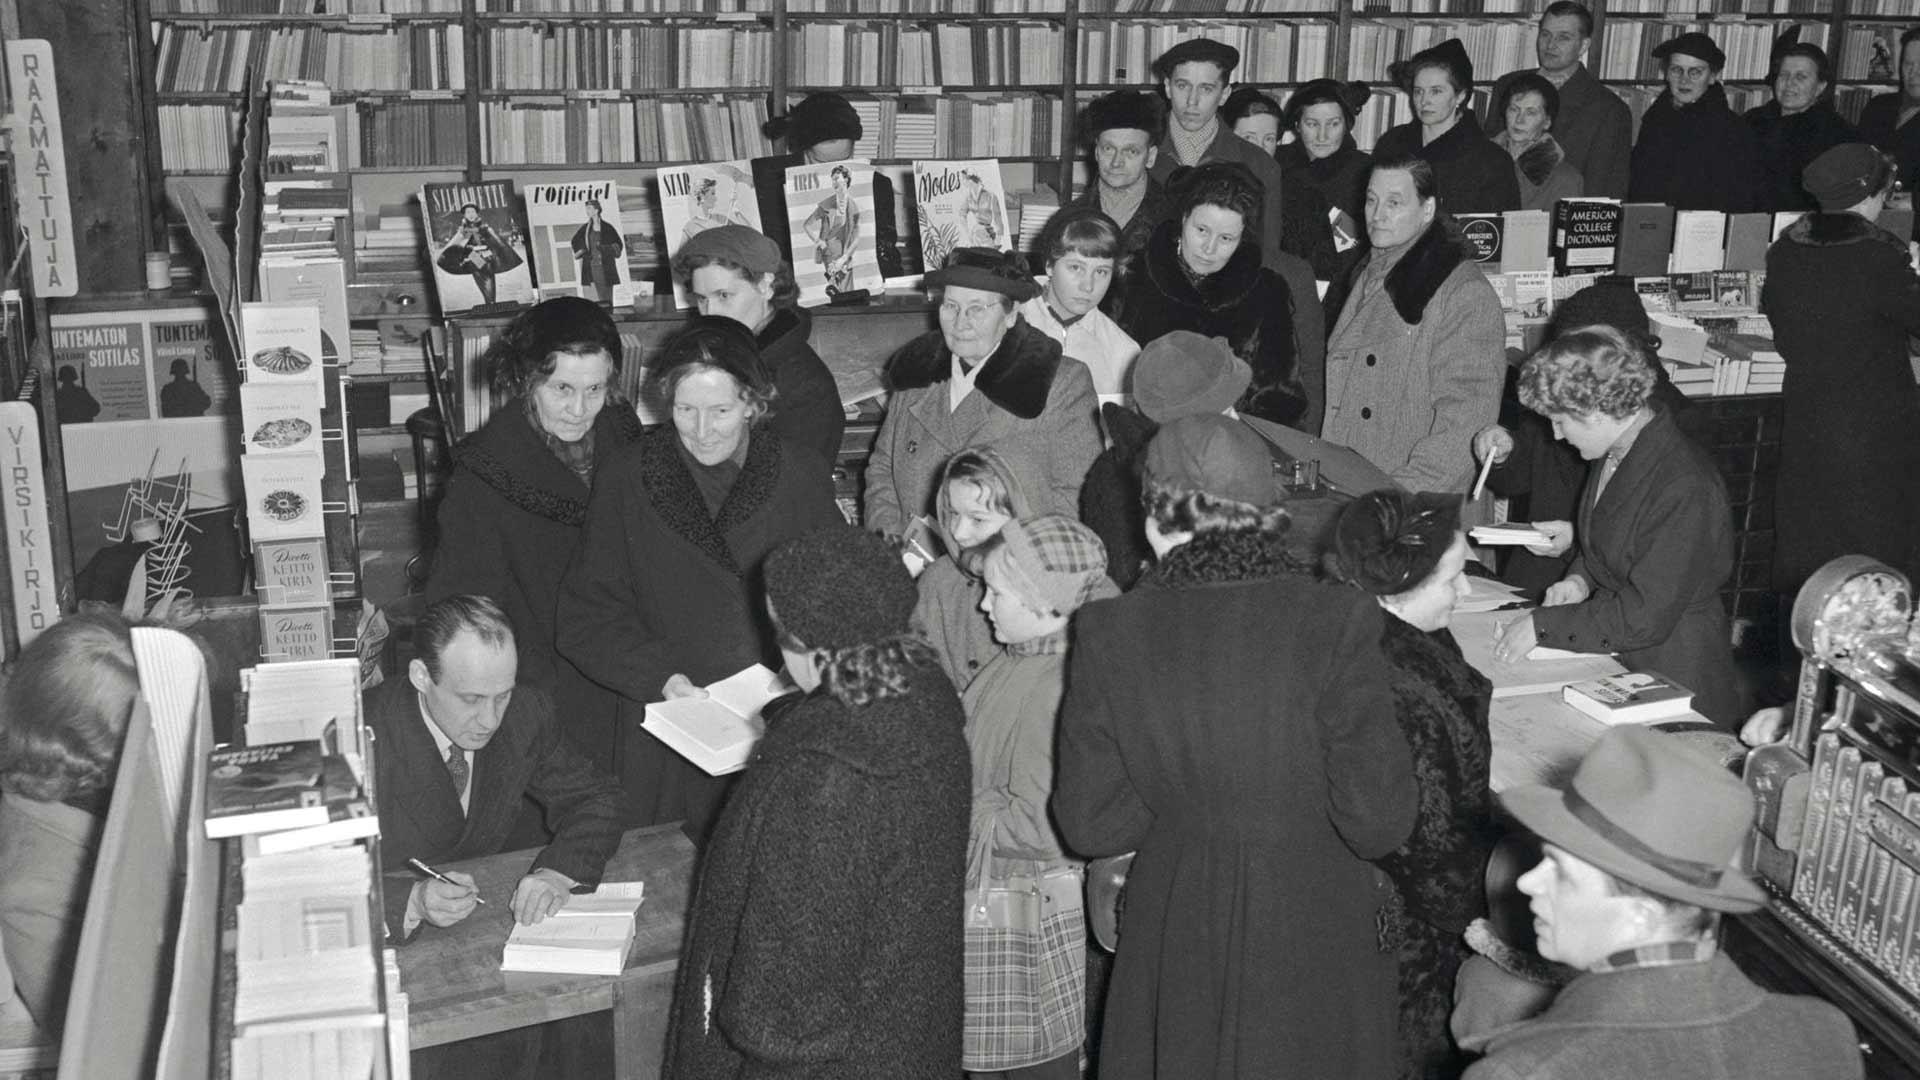 Tuntematon tuli kirjakauppoihin 3. joulukuuta 1954, eikä sen jälkeen Linnan tarvinnut enää kerjätä kustantajalta pikavippejä. Tässä Linna jakaa omistuskirjoituksia helmikuussa 1955.